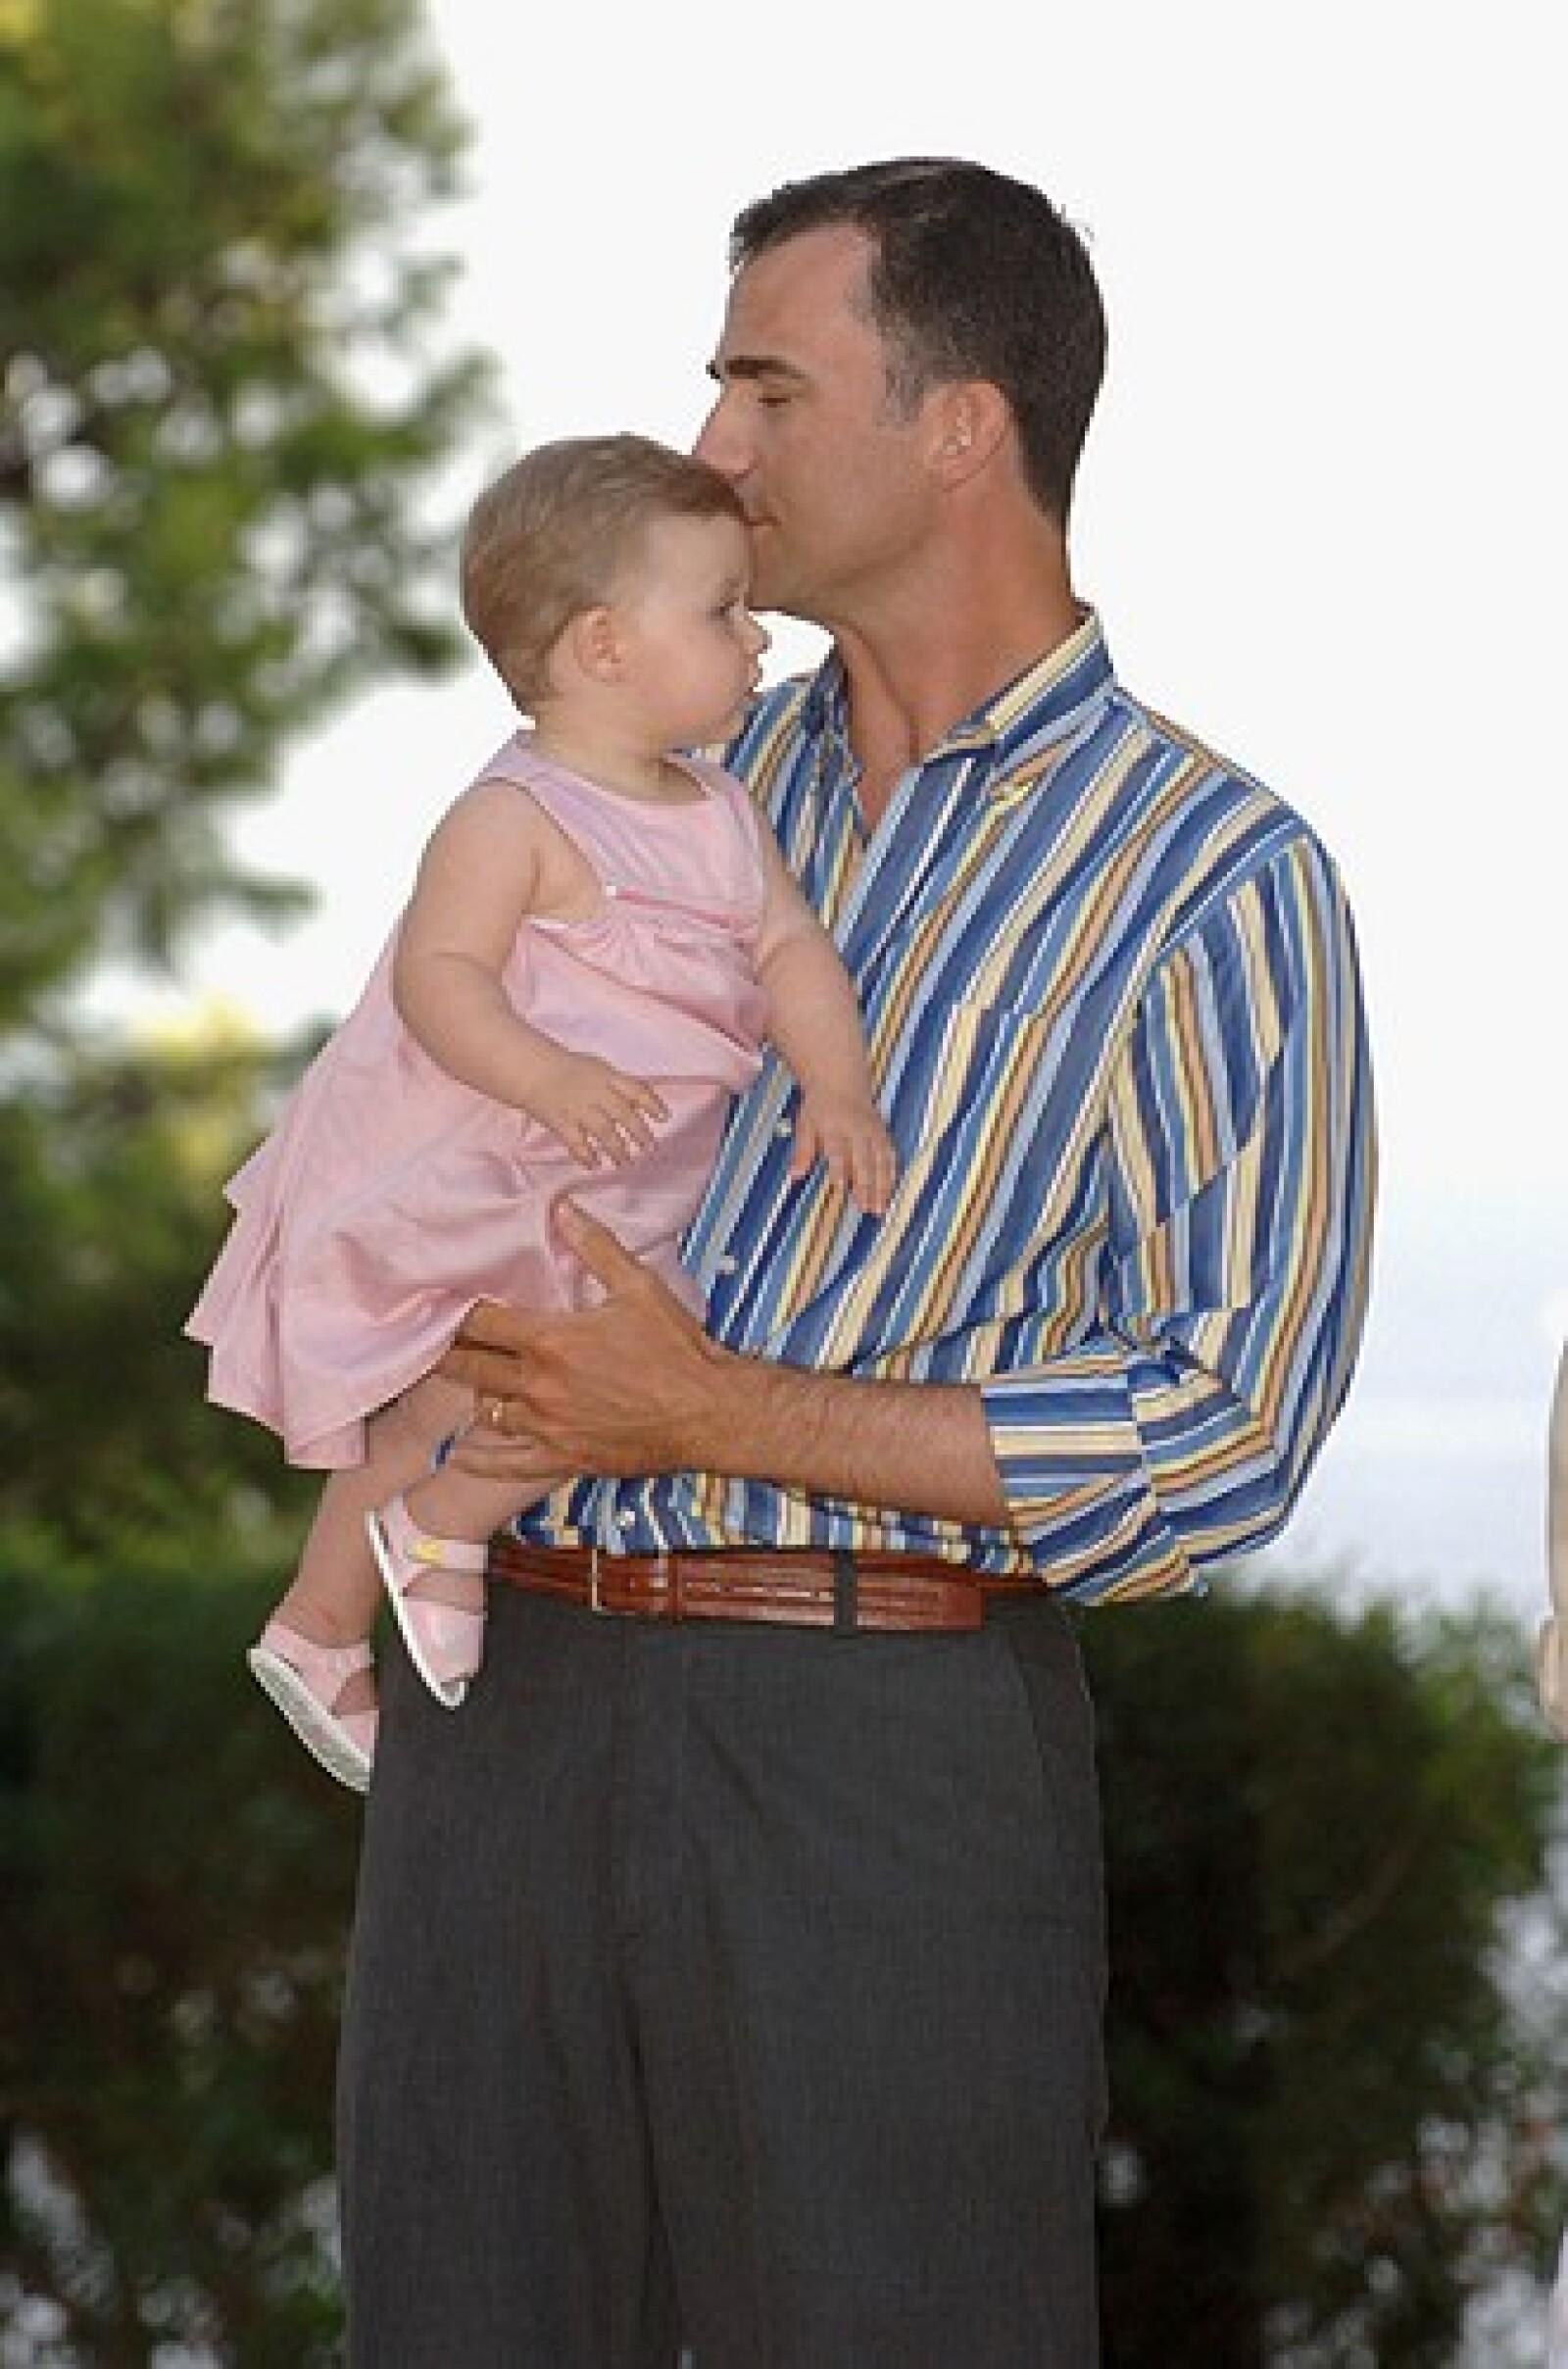 El príncipe Felipe de Asturias tiene dos hijas, Leonor y Sofía.